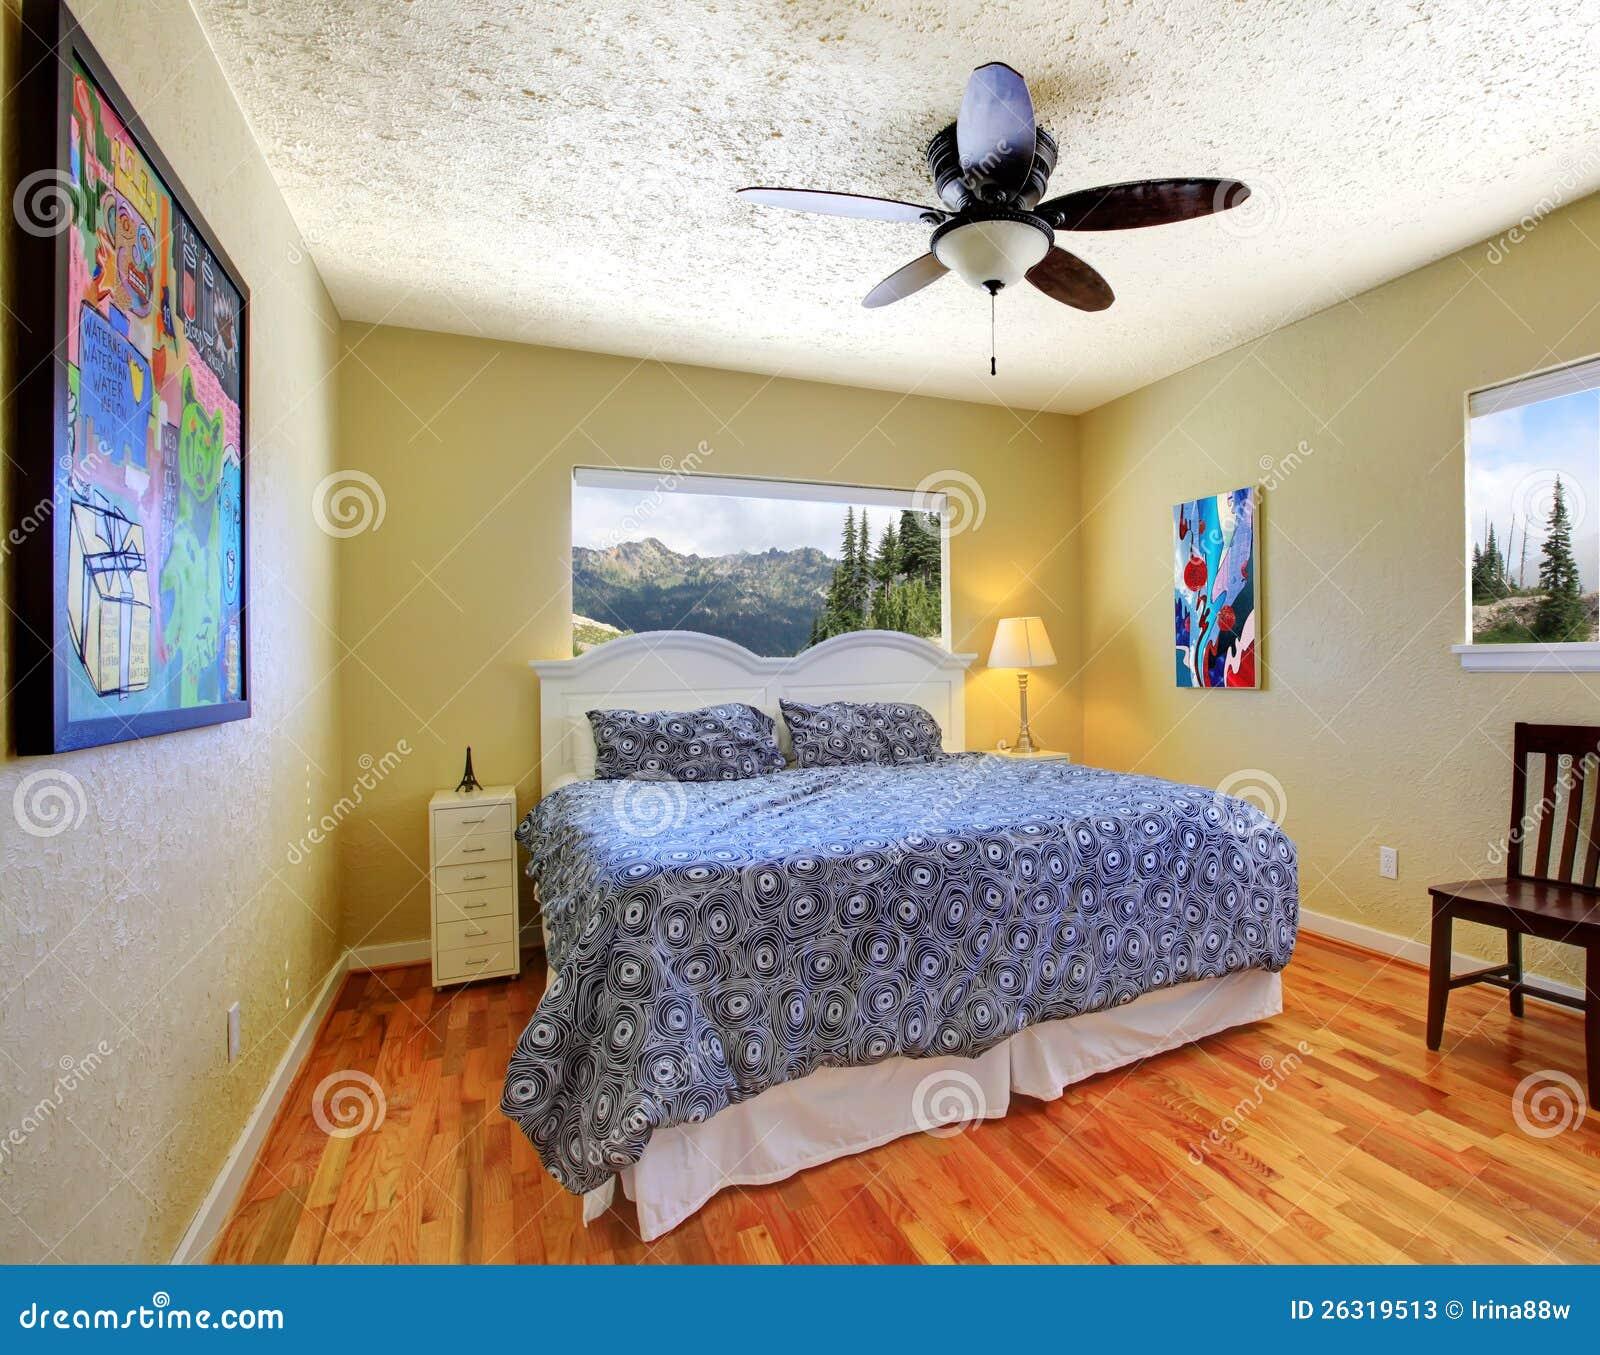 Goedkope vloerbedekking slaapkamer ~ [Spscents.com]